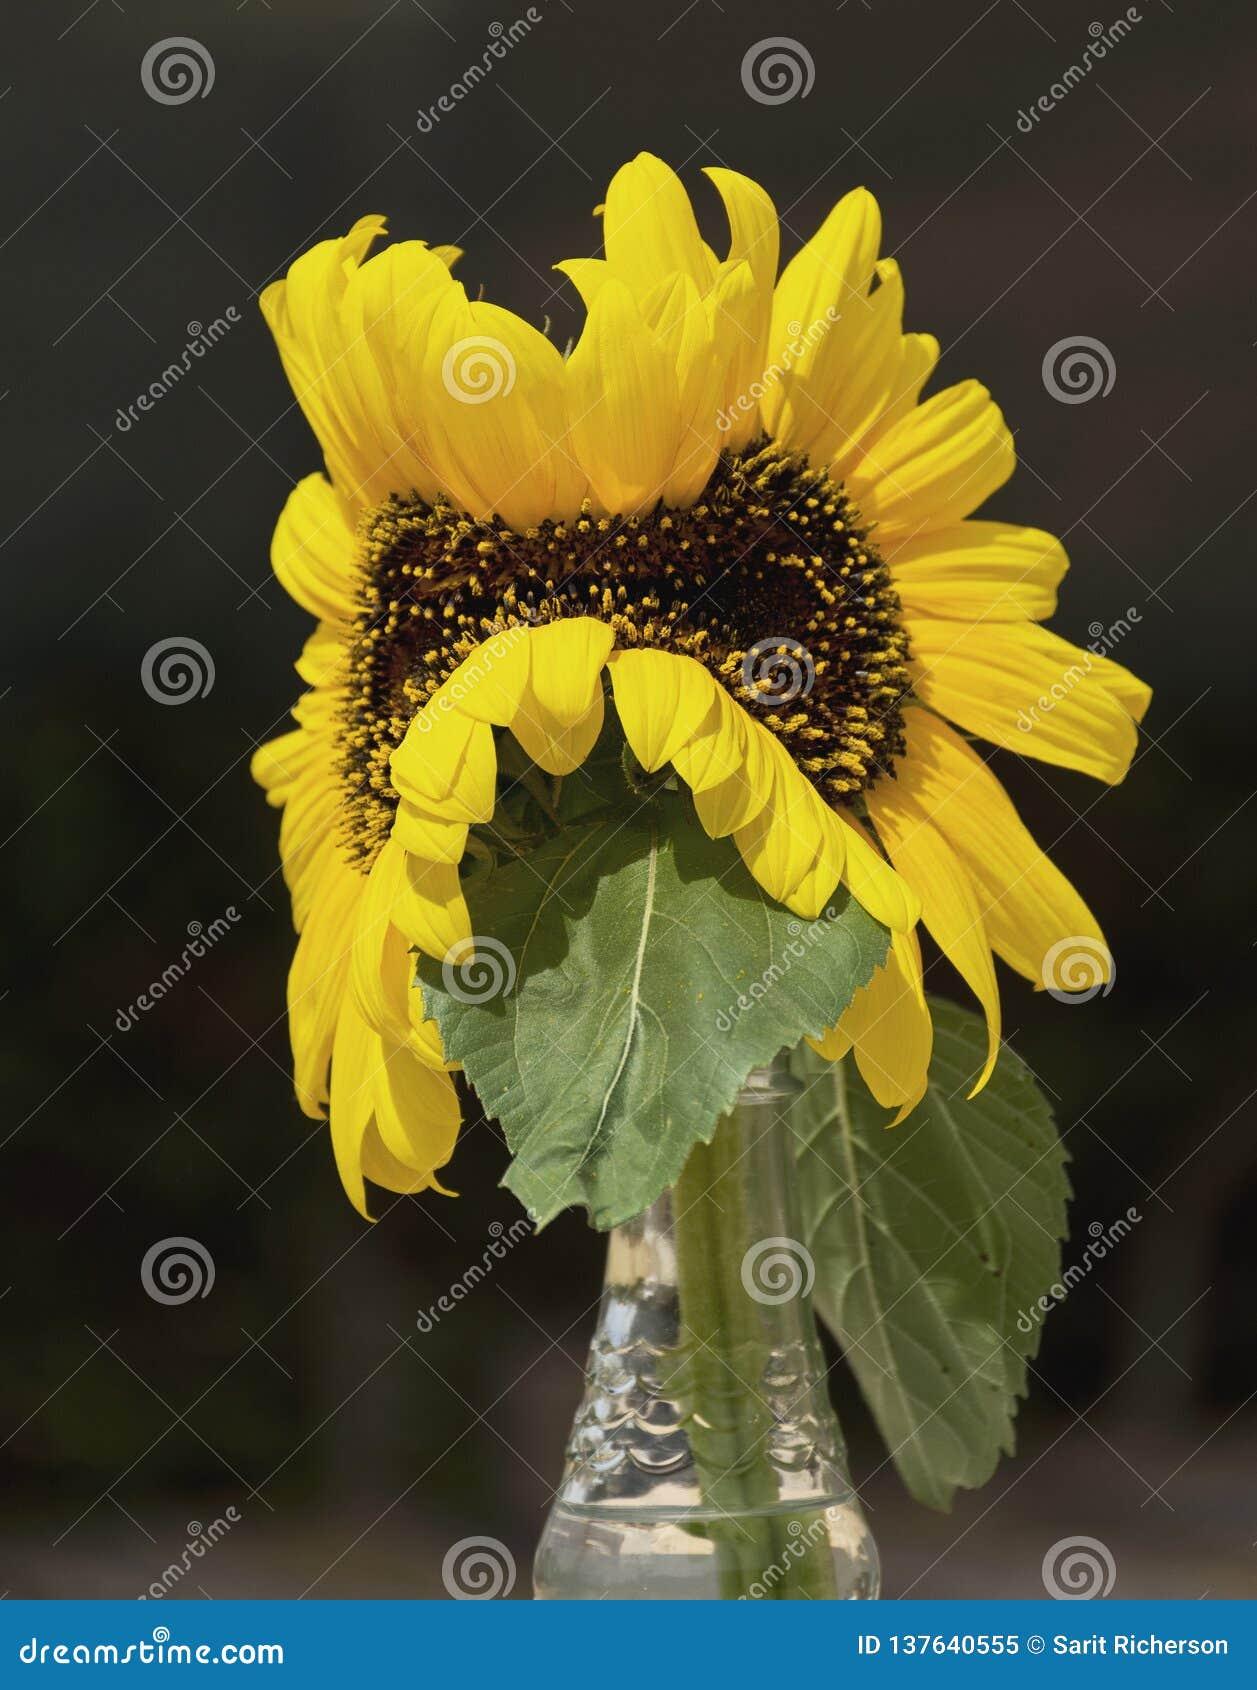 Del mutante todavía del girasol vida amarilla doble